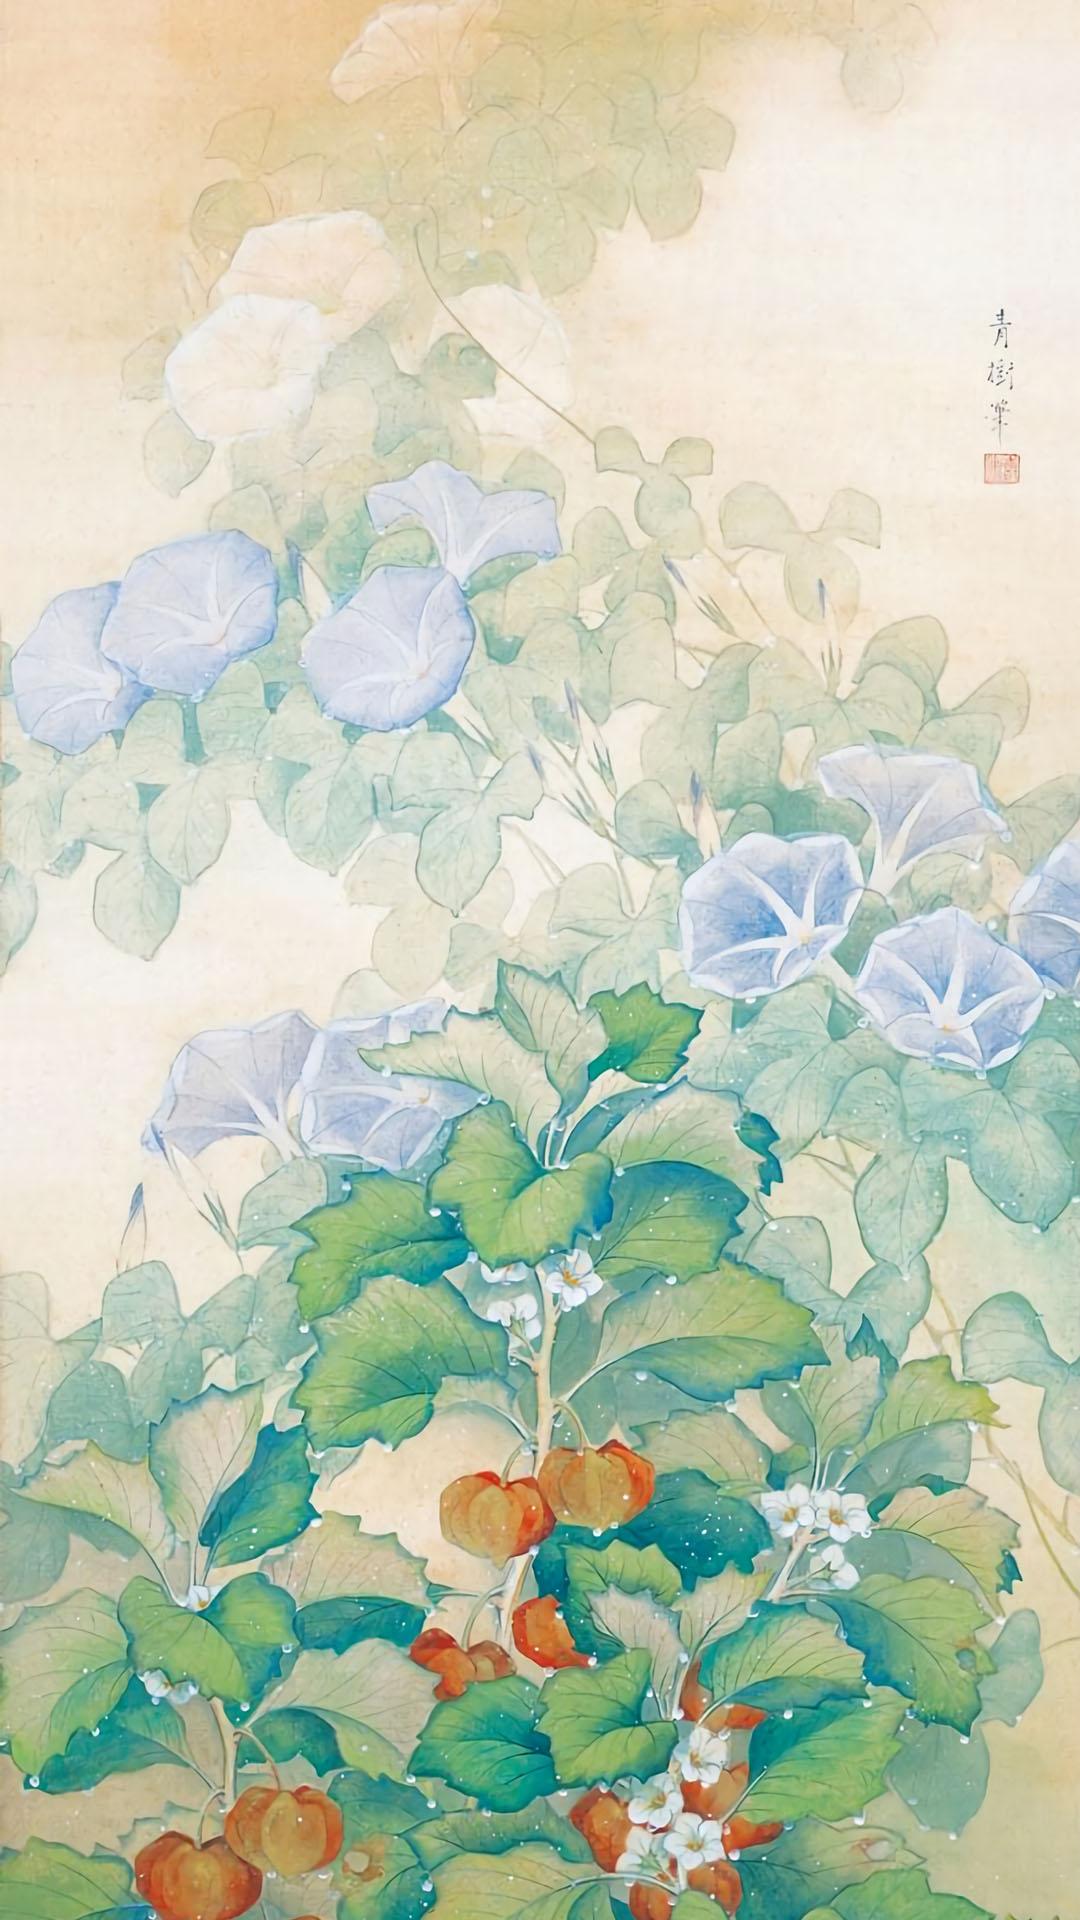 Omoda Seiju - Asatsuyu 1080x1920